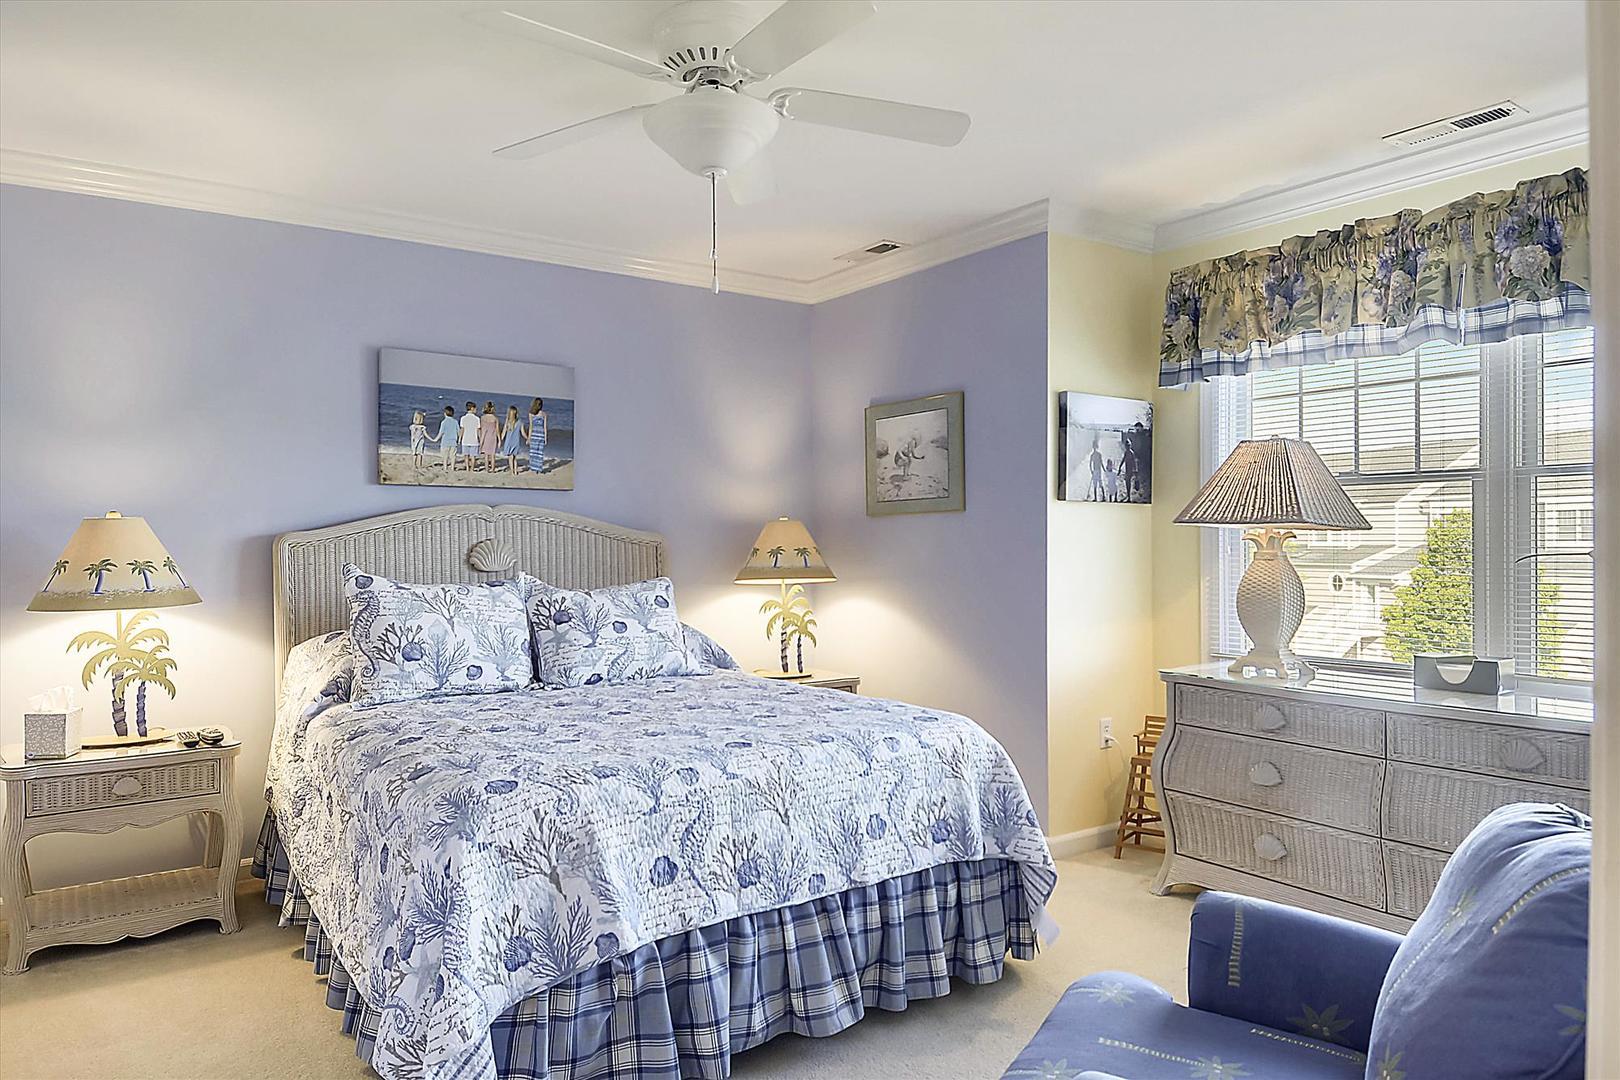 Bayville Shores 1169 - Upper Level Master Bedroom 2